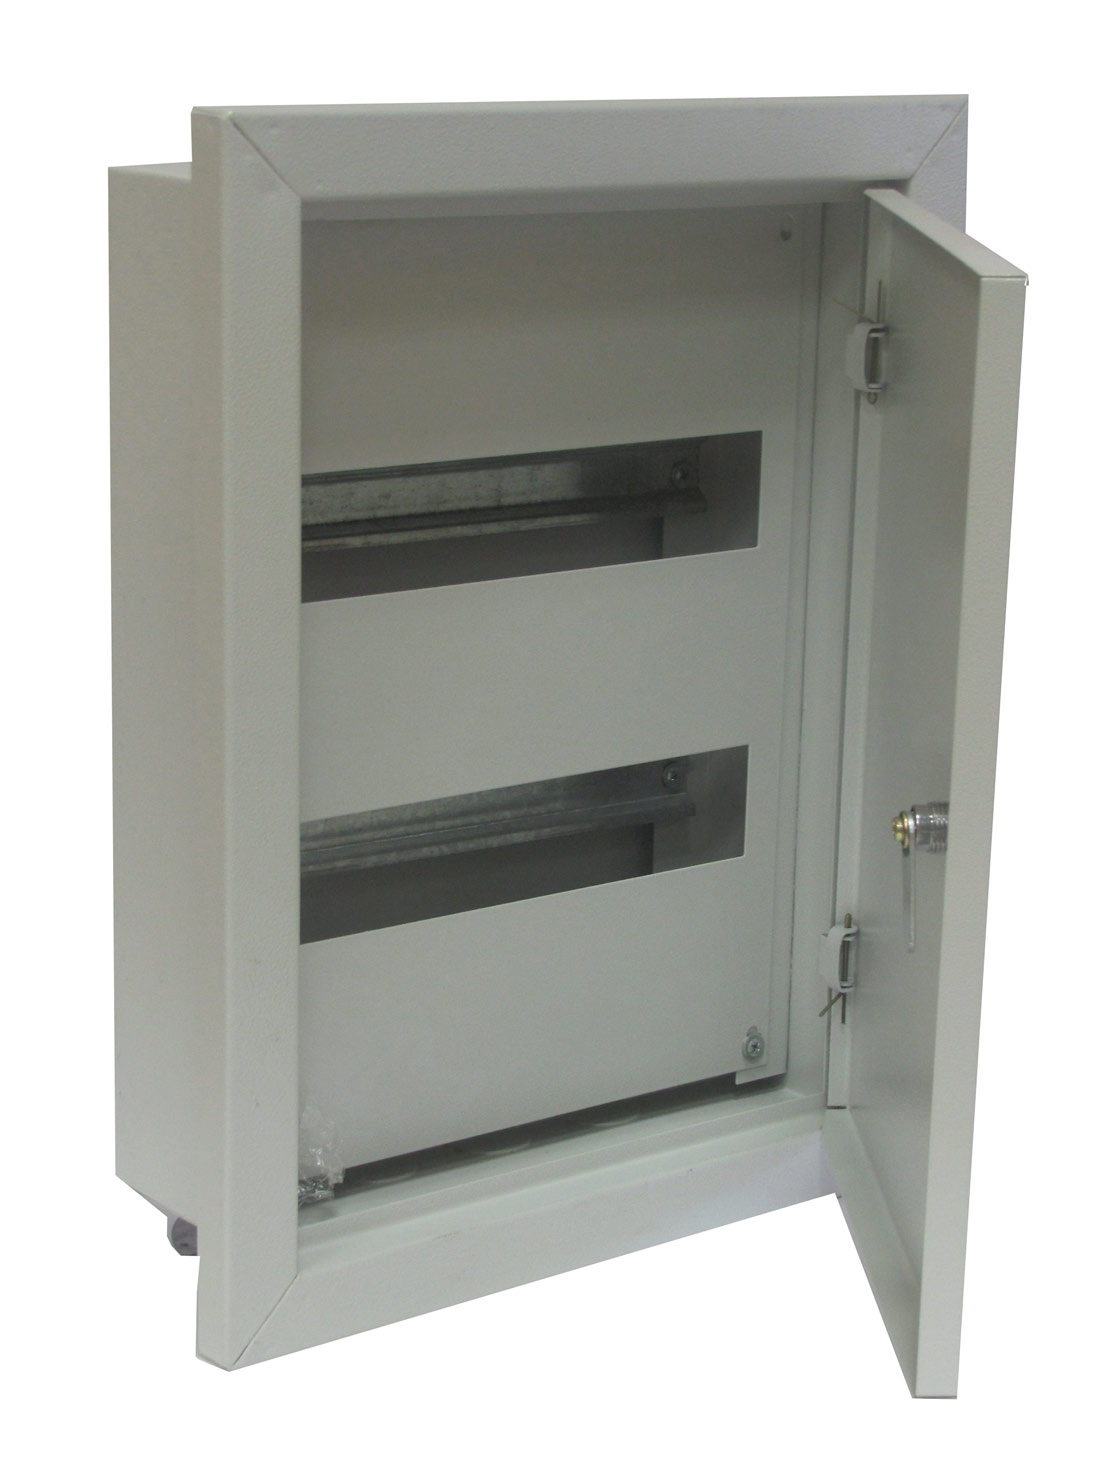 Щиток встраиваемый для 24 модулей металлический , IP31, ИЭК, ЩРВ